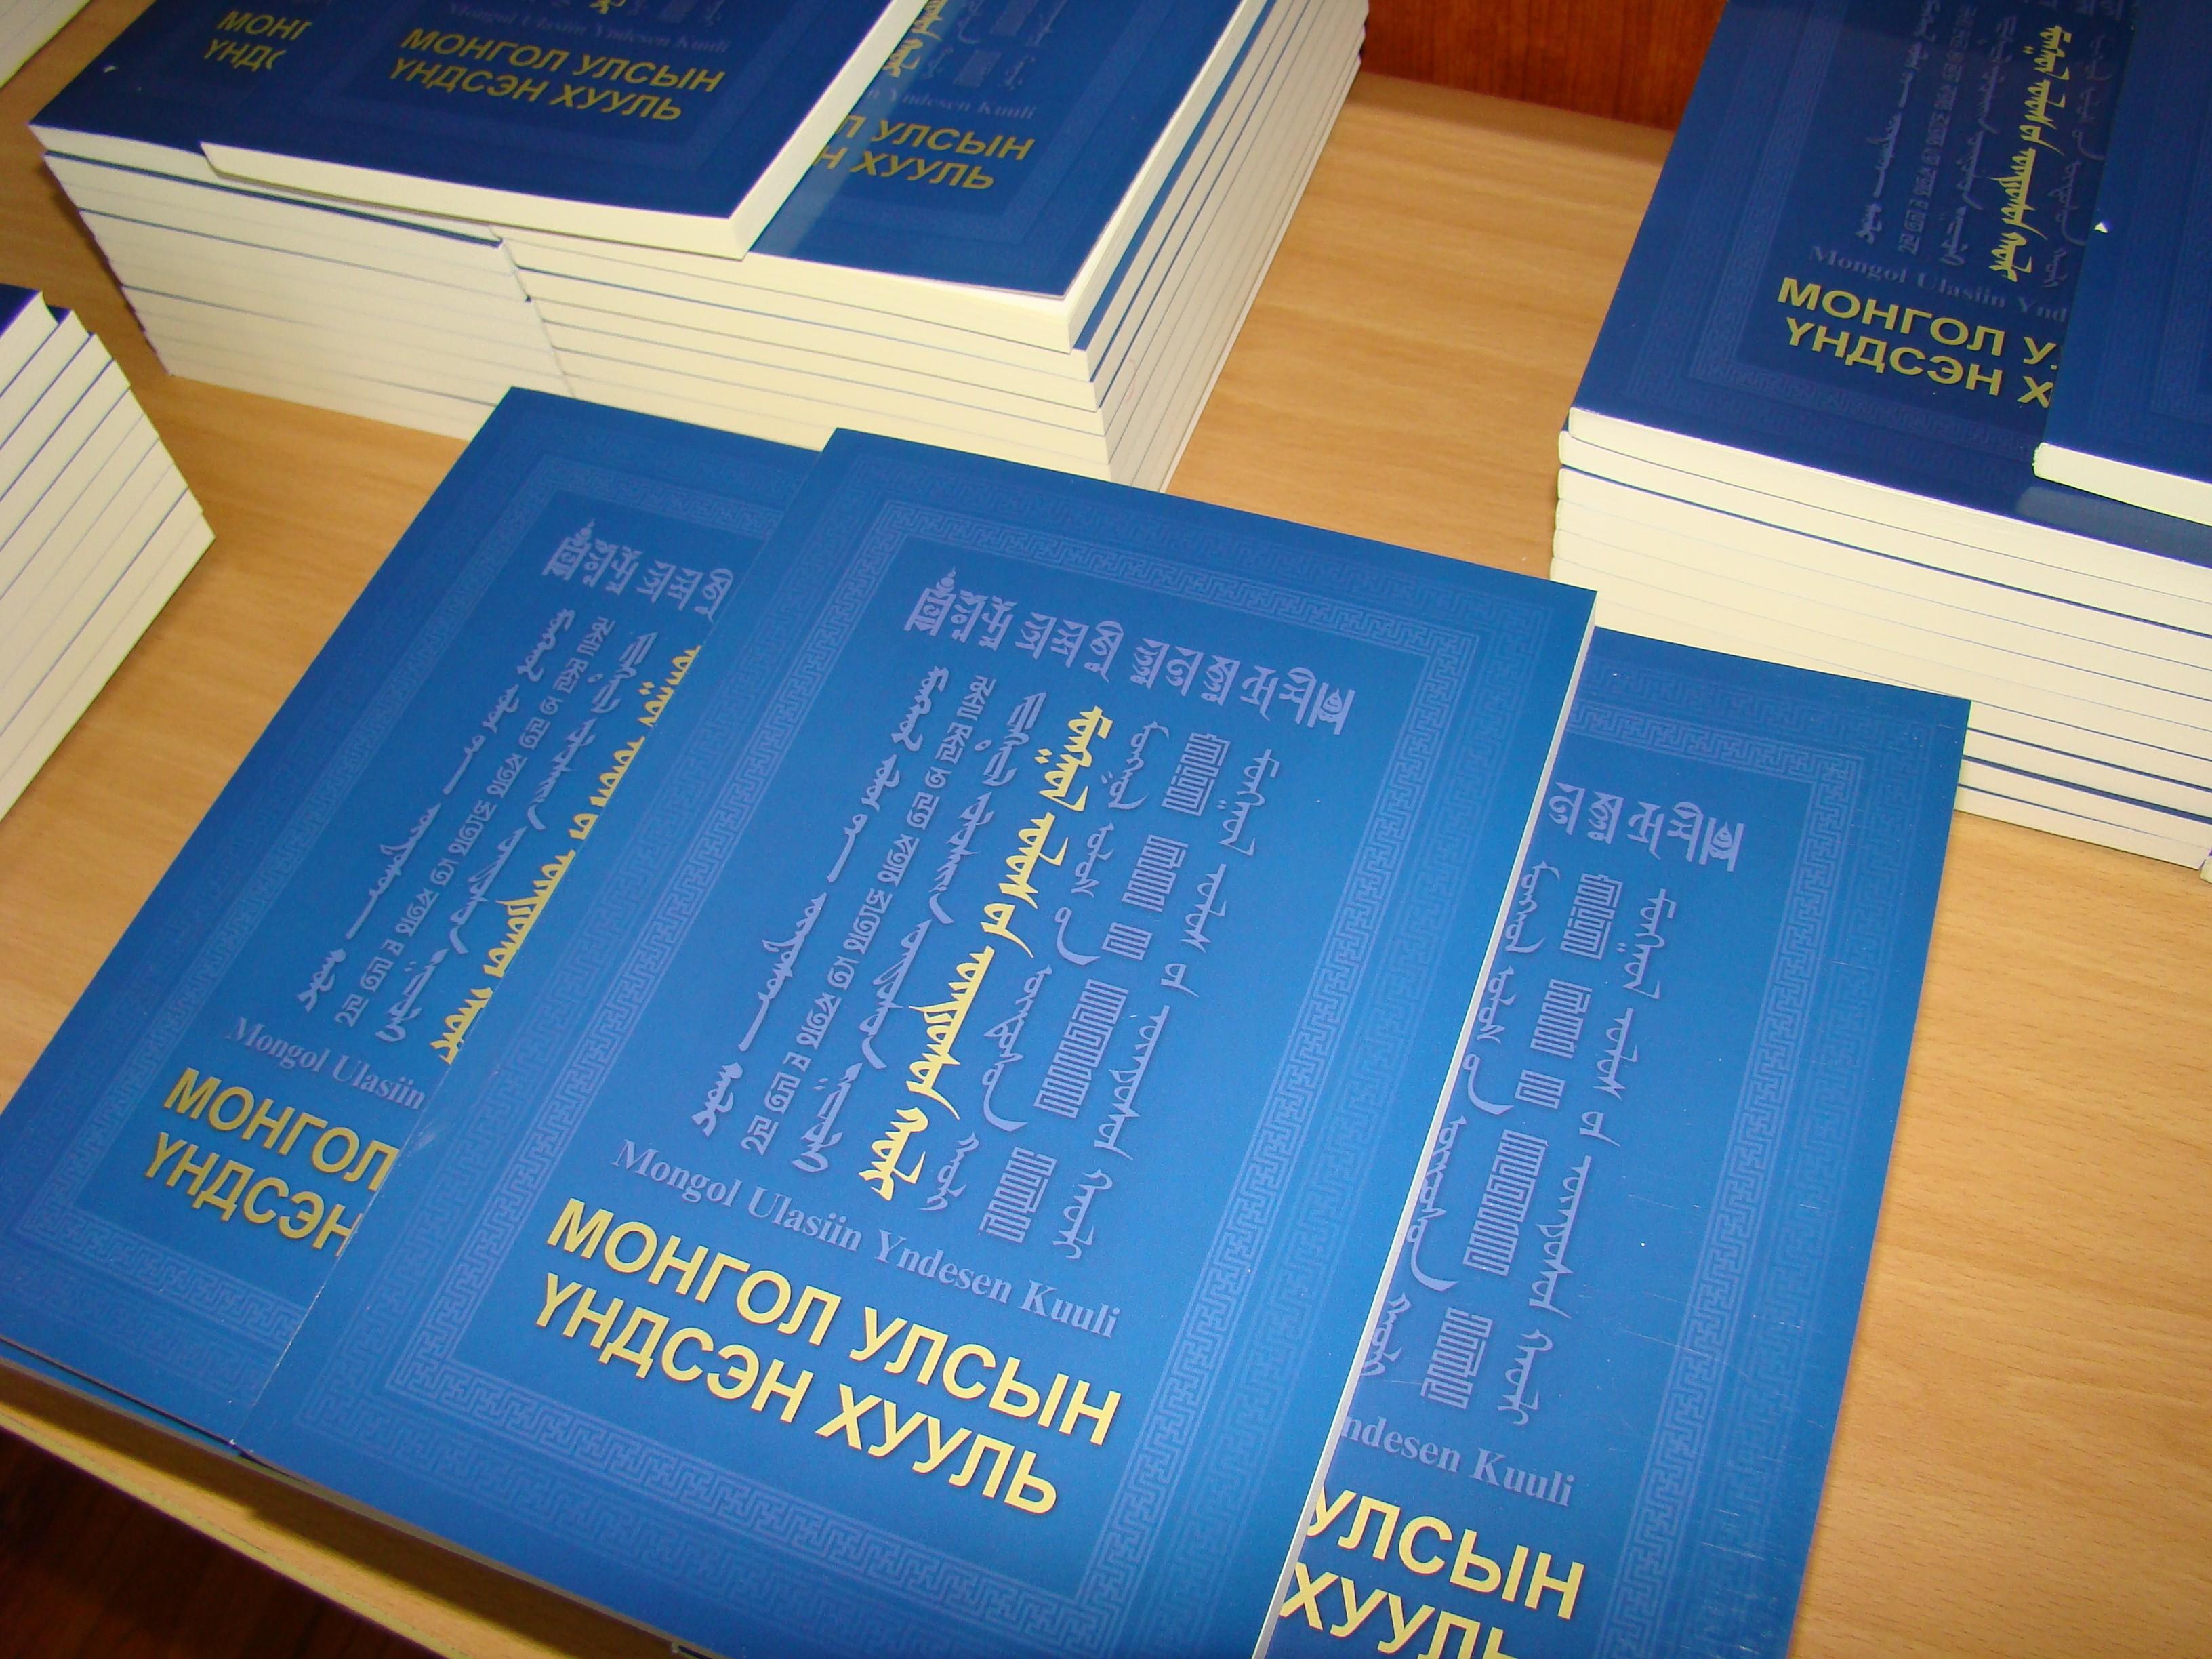 Монгол Улсын Үндсэн хуульд оруулах нэмэлт, өөрчлөлтийн төсөлтэй танилцана уу